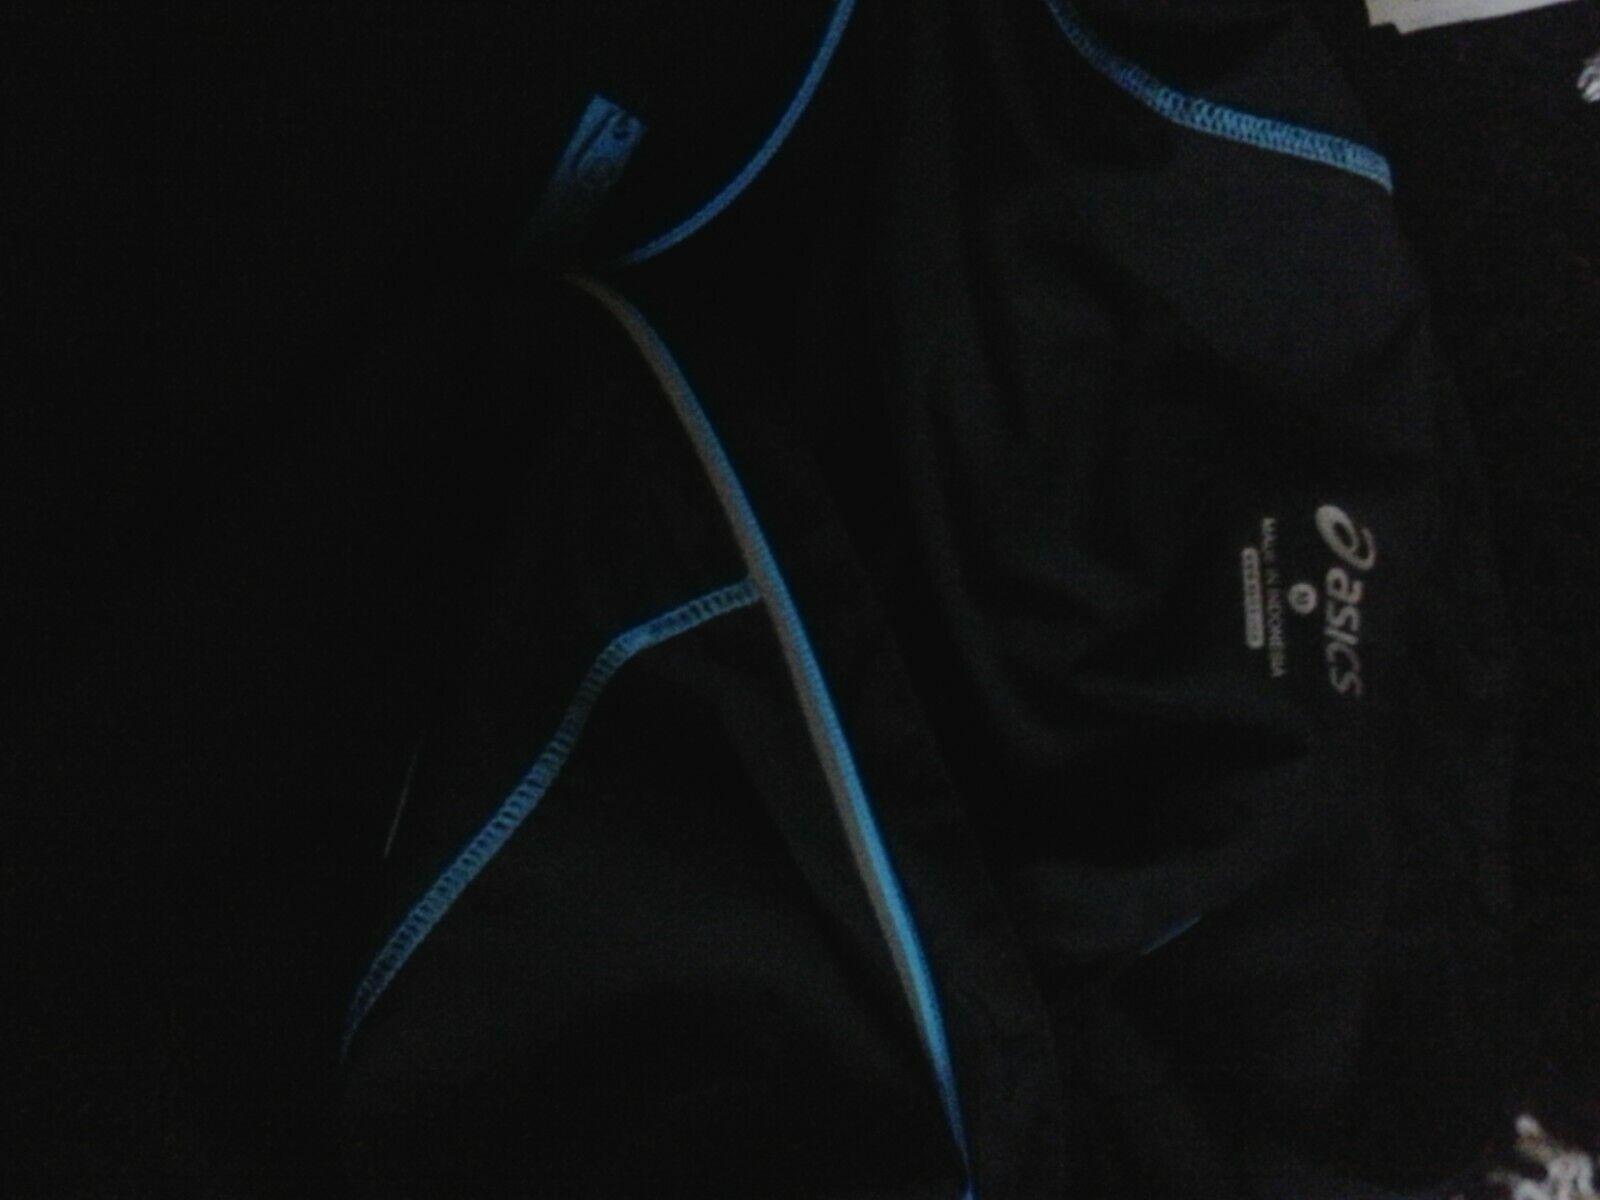 Asics mens hooded running top